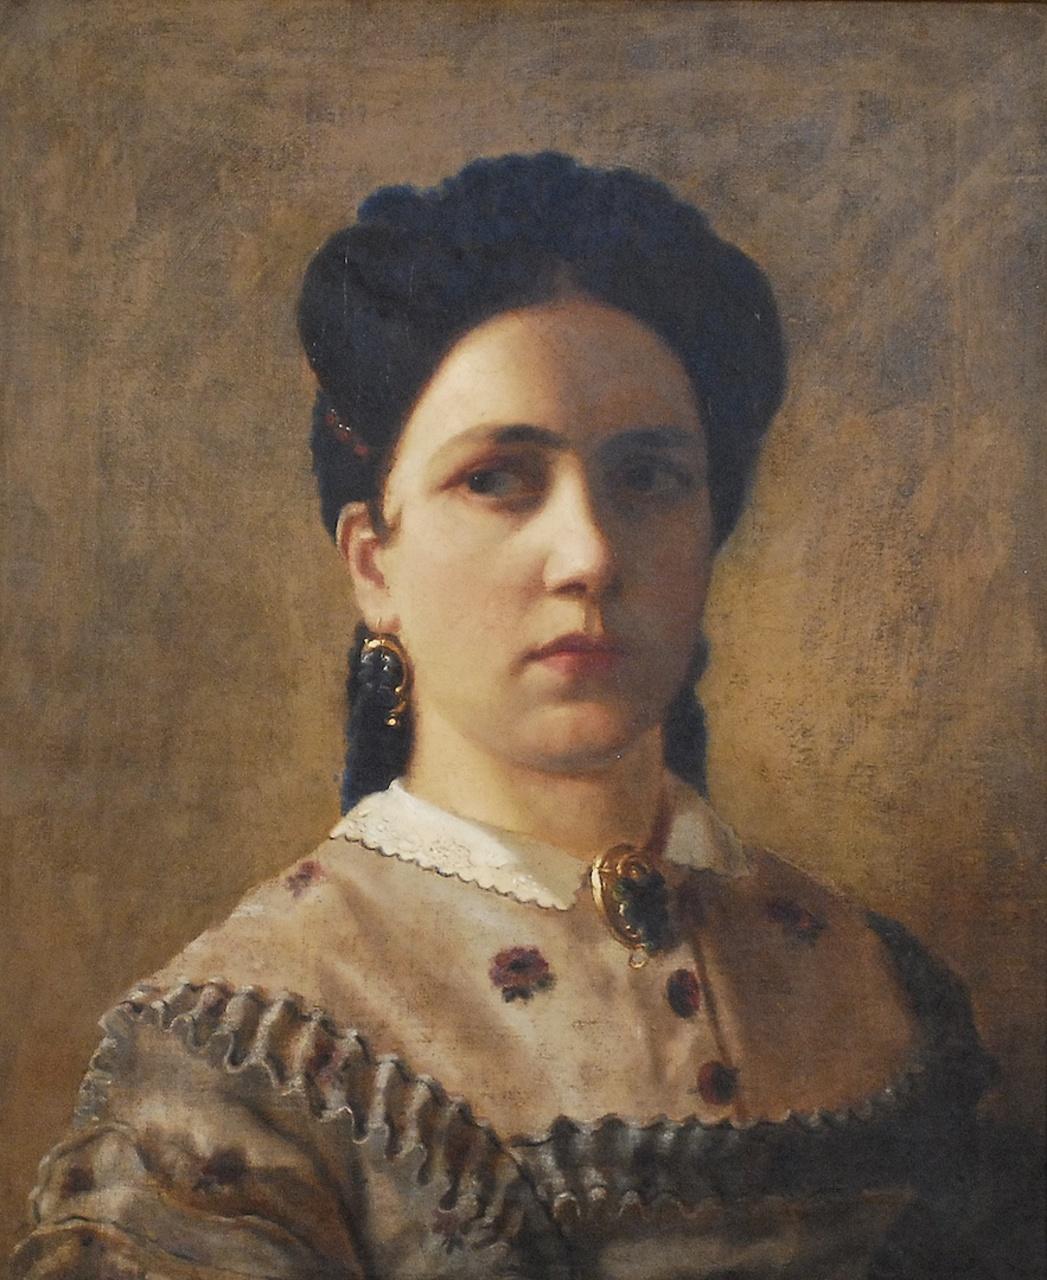 """Zygmunt Sidorowicz (1846-1881) """"Portret młodej kobiety"""", 1865 rok, źródło: Desa Katowice"""